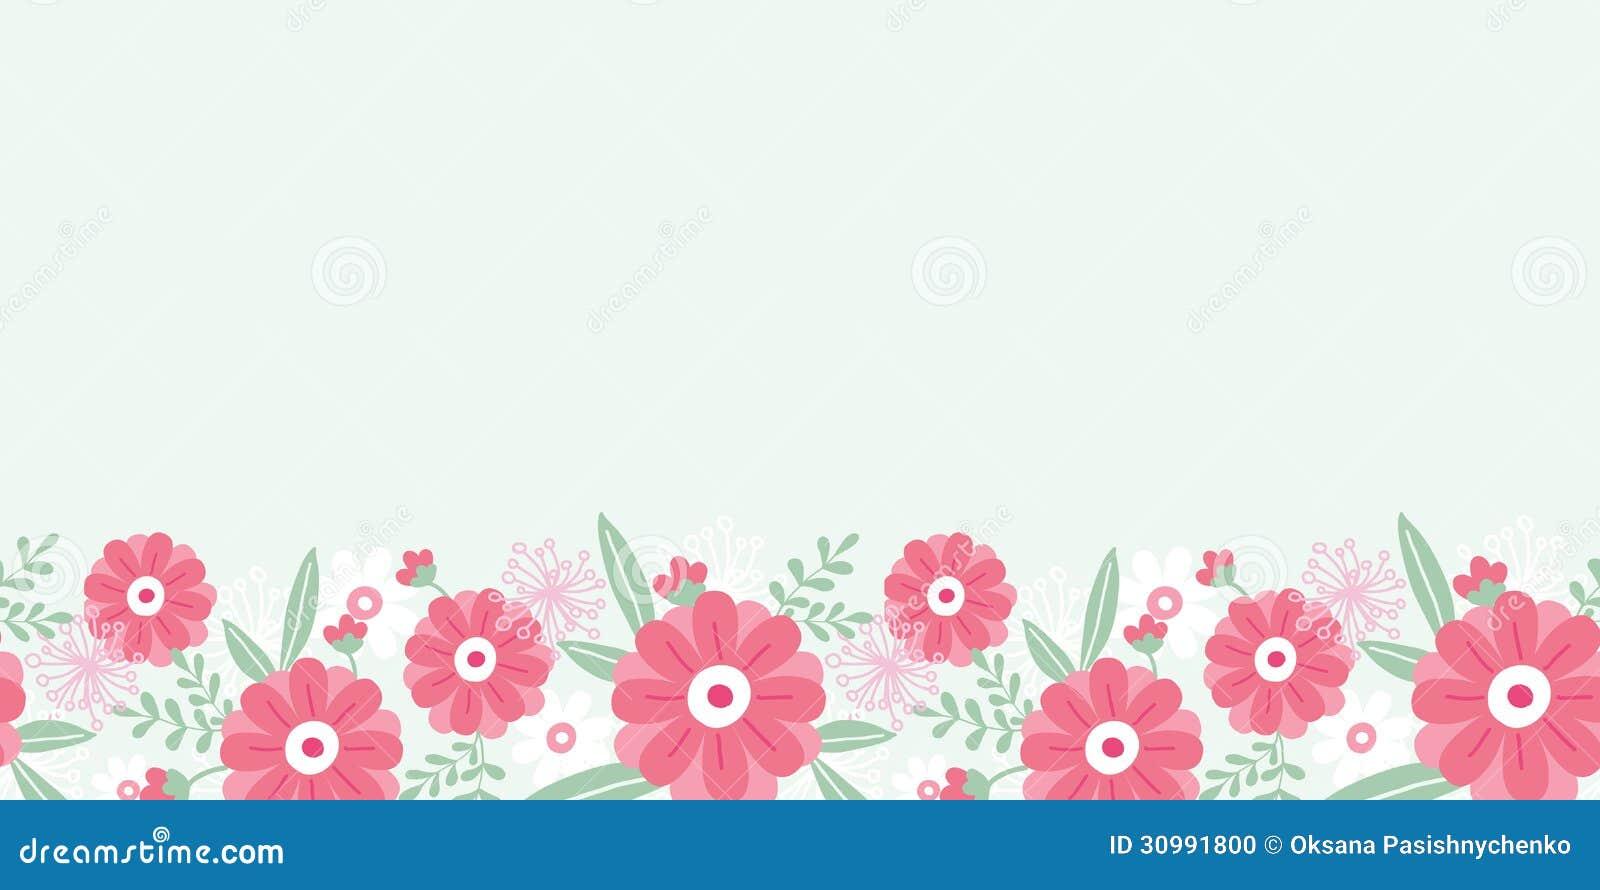 Flores Horizontales Dibujos Animados Patrón De Fondo: Inconsútil Horizontal De Las Flores Y De Las Hojas De La